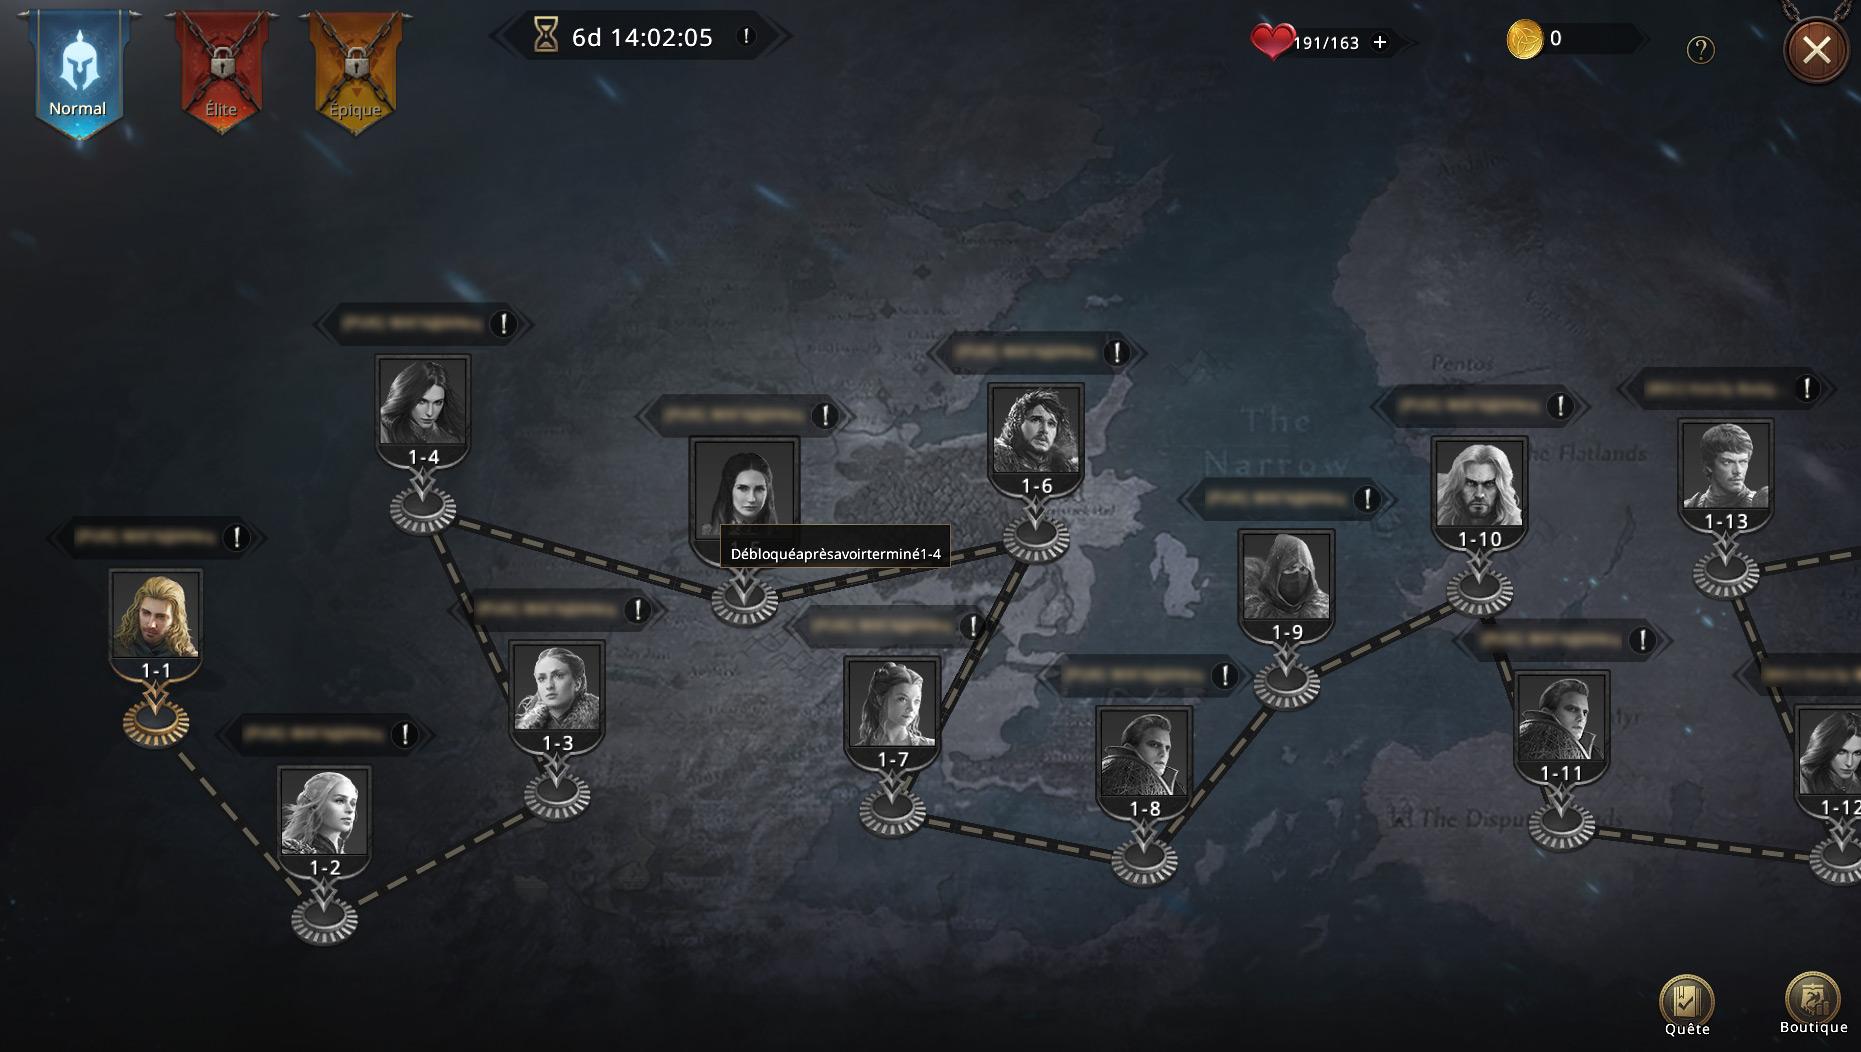 Map du niveau normal